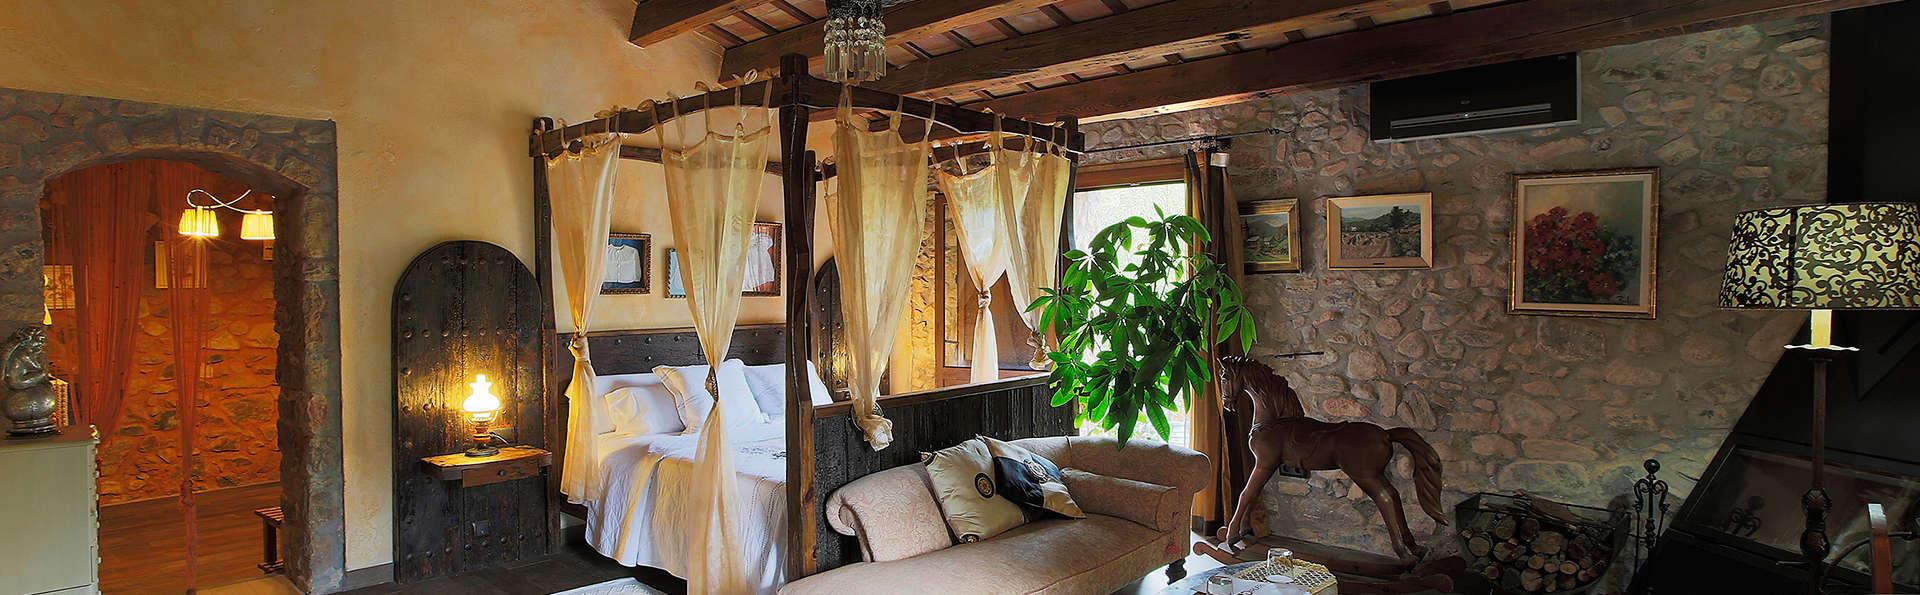 Exclusive Weekendesk: Week-end Imagine avec accès privé au spa à quelques pas de la Costa Brava